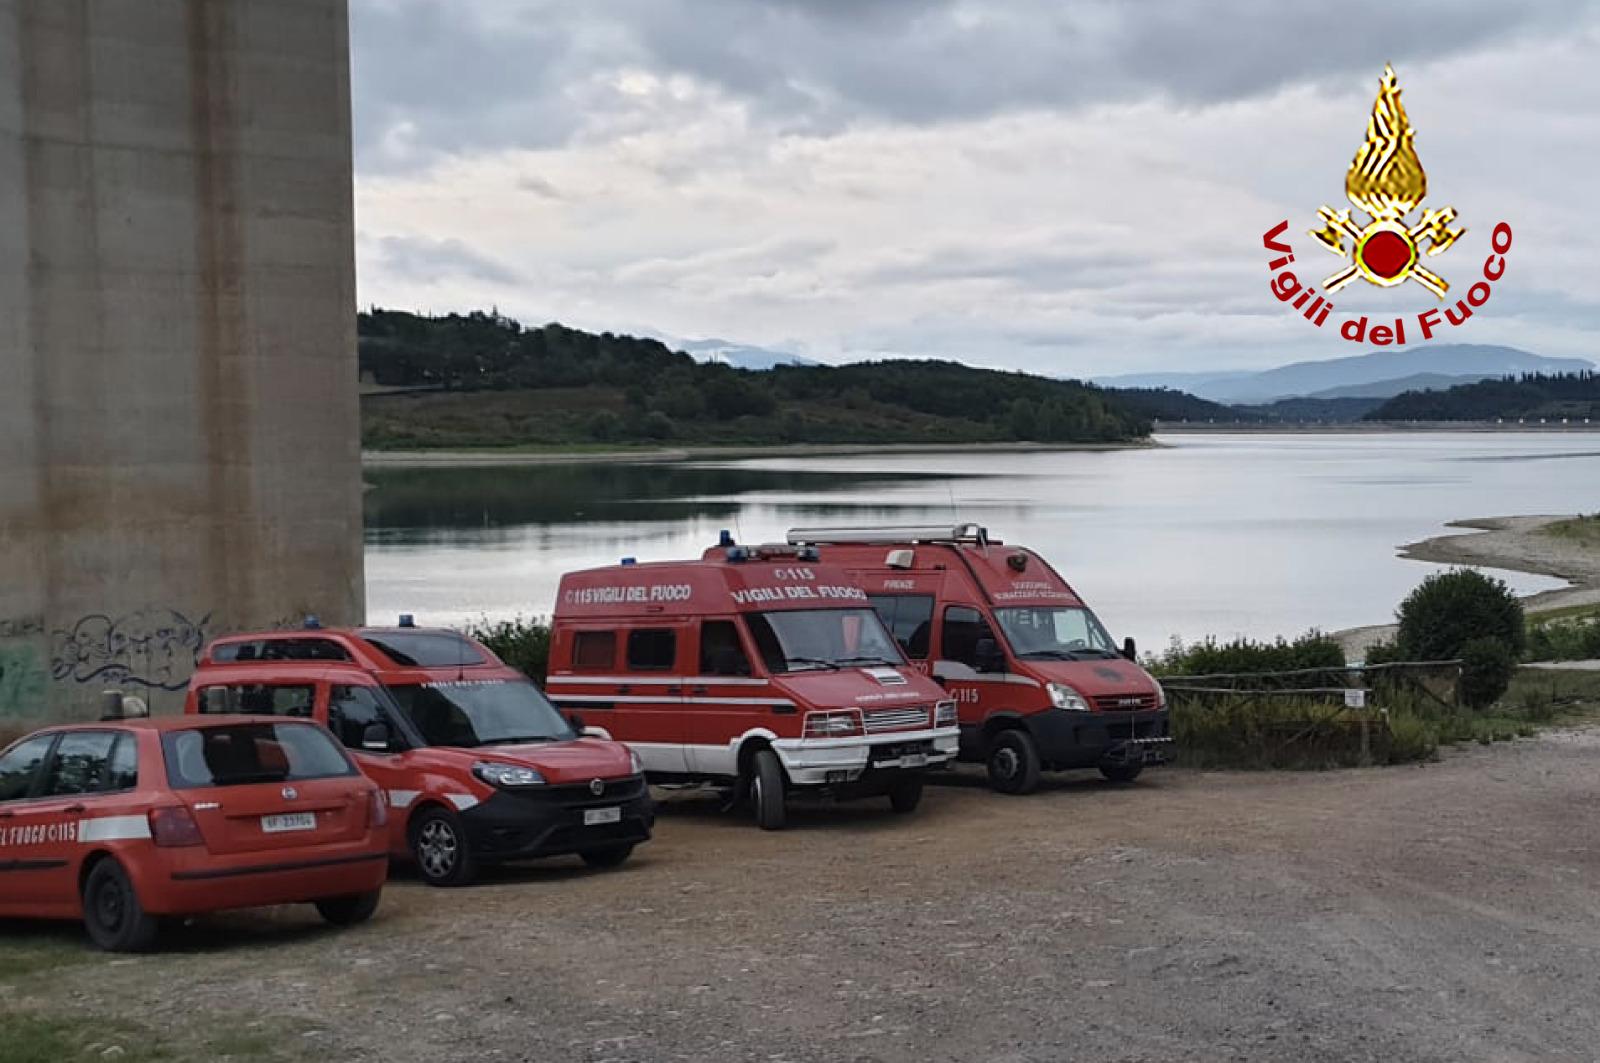 Un disperso al lago di Bilancino, ricerche in corso